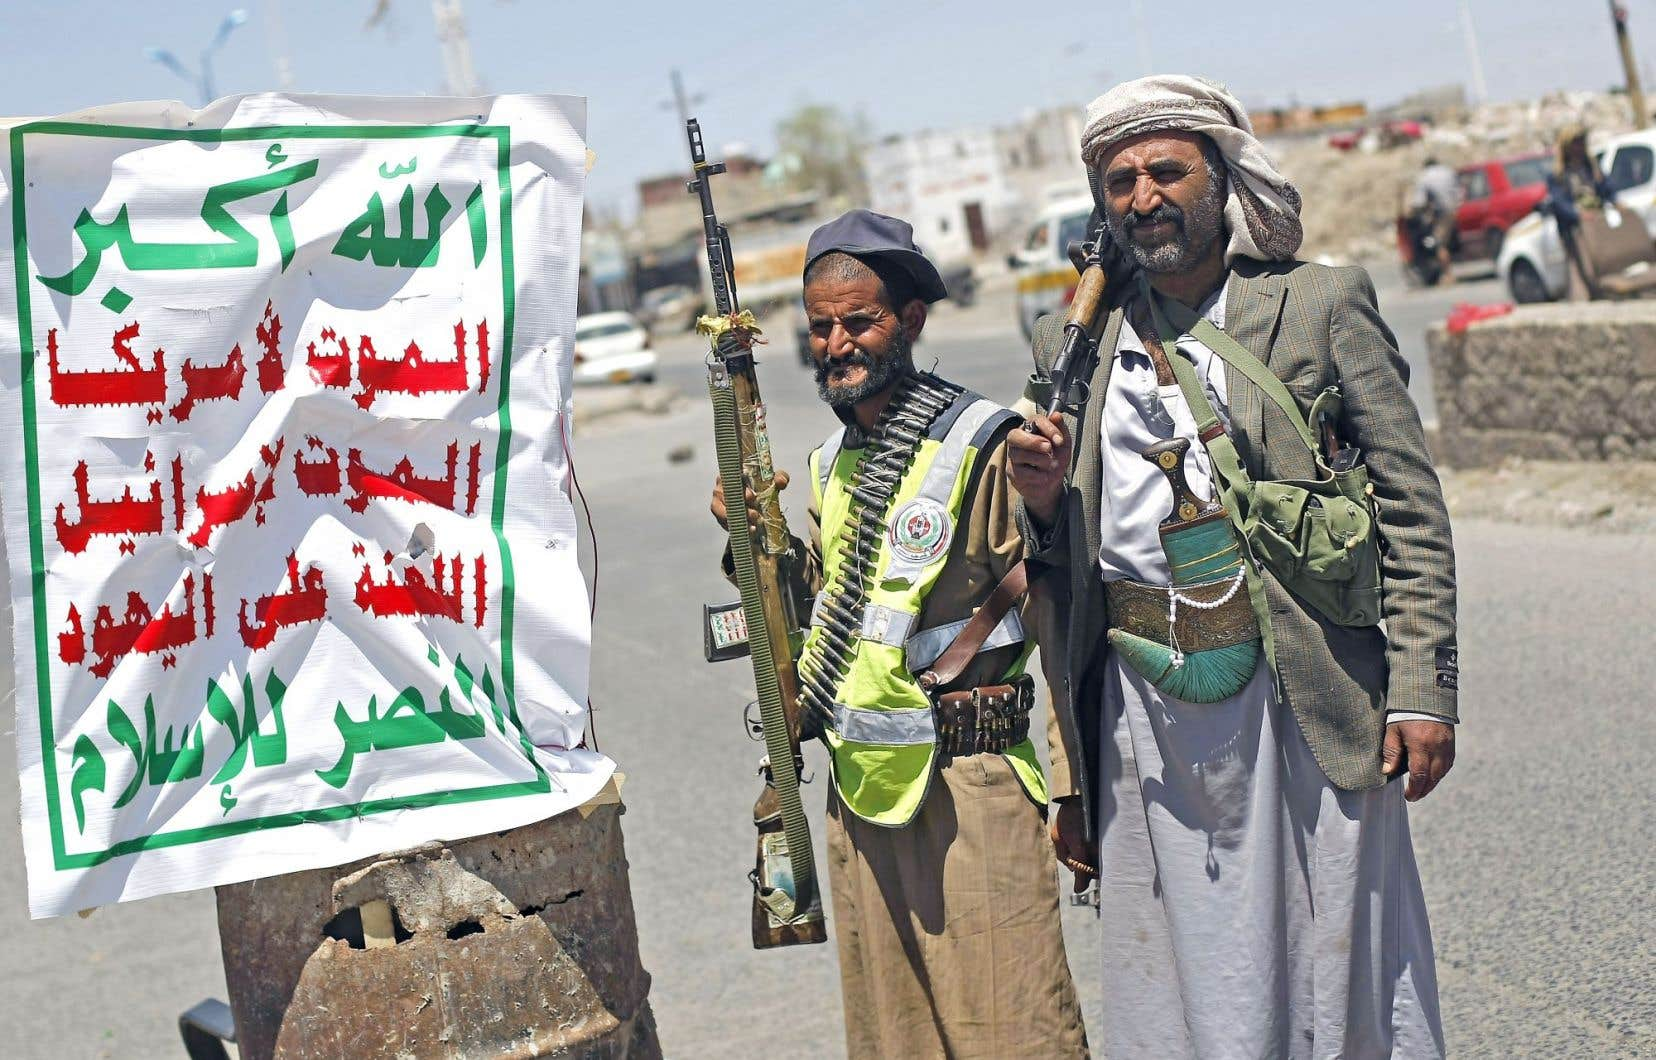 Des rebelles chiites houthis montaient la garde à un point de contrôle près de l'immeuble hébergeant la télévision d'État, dimanche, à Sanaa.